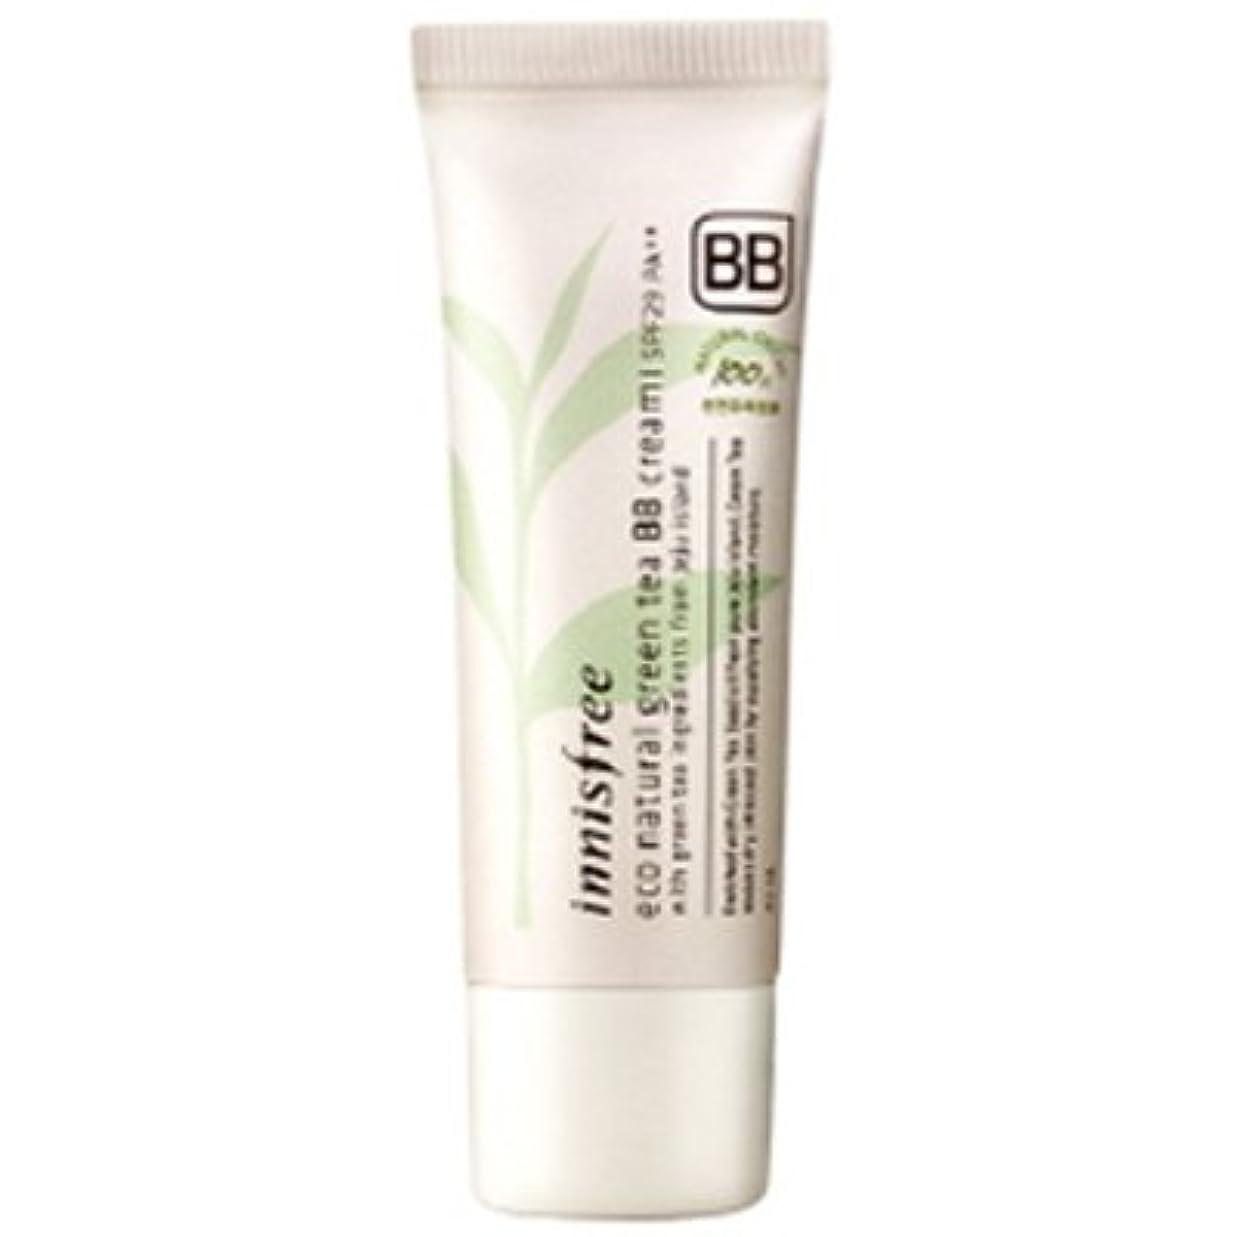 小売引き潮背骨innisfree(イニスフリー) Eco natural green tea BB cream エコ ナチュラル グリーン ティー BB クリーム SPF29/PA++ 40ml #1:ライトベージュ